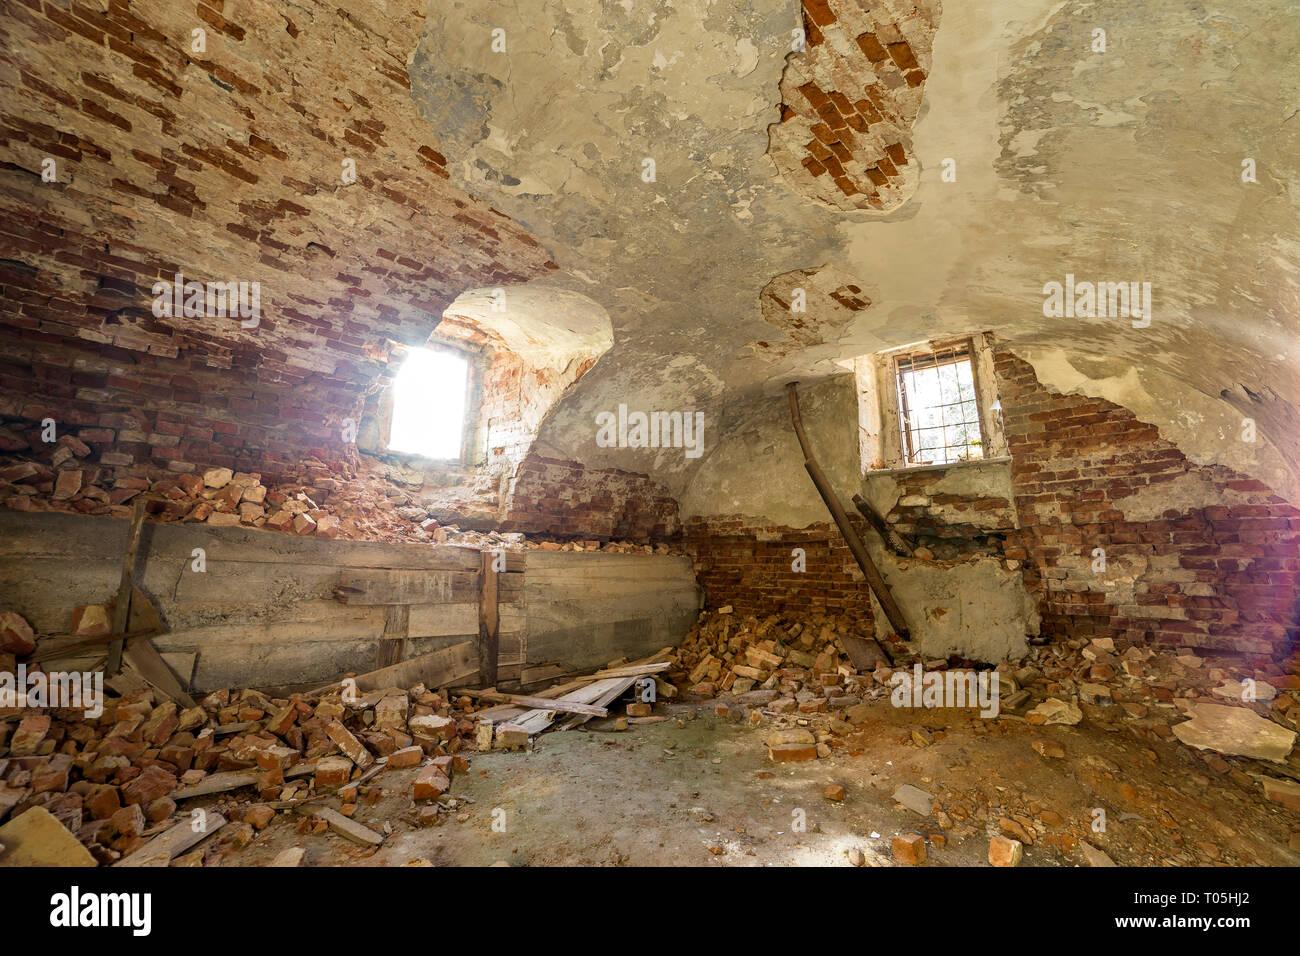 Ancien Sous Sol Vide Abandonné De Lancien Bâtiment Ou Palace Avec